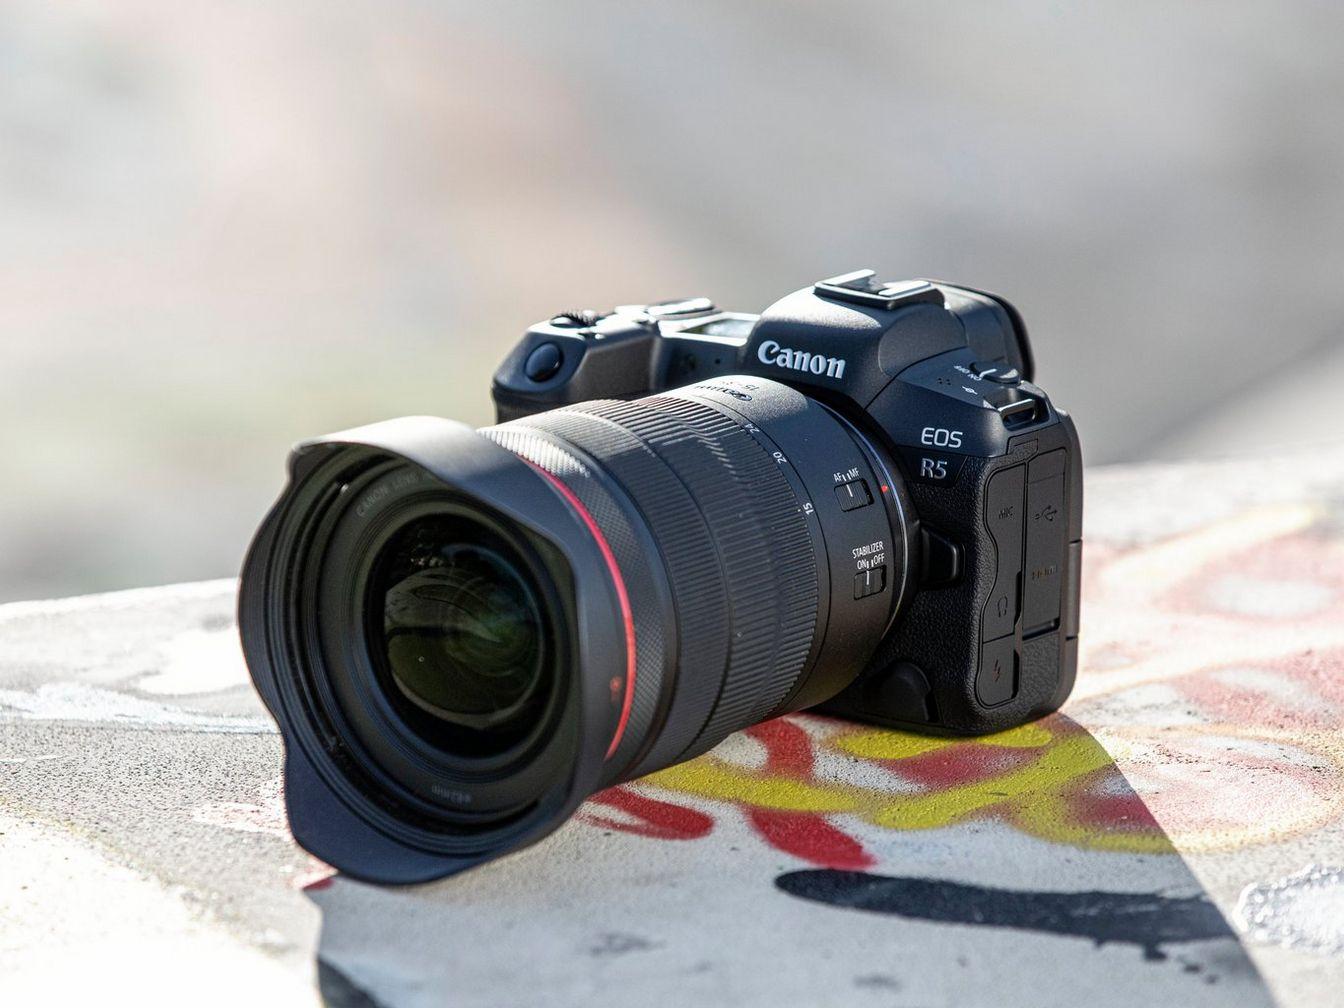 Canon EOS R5 - Cameras - Canon Europe